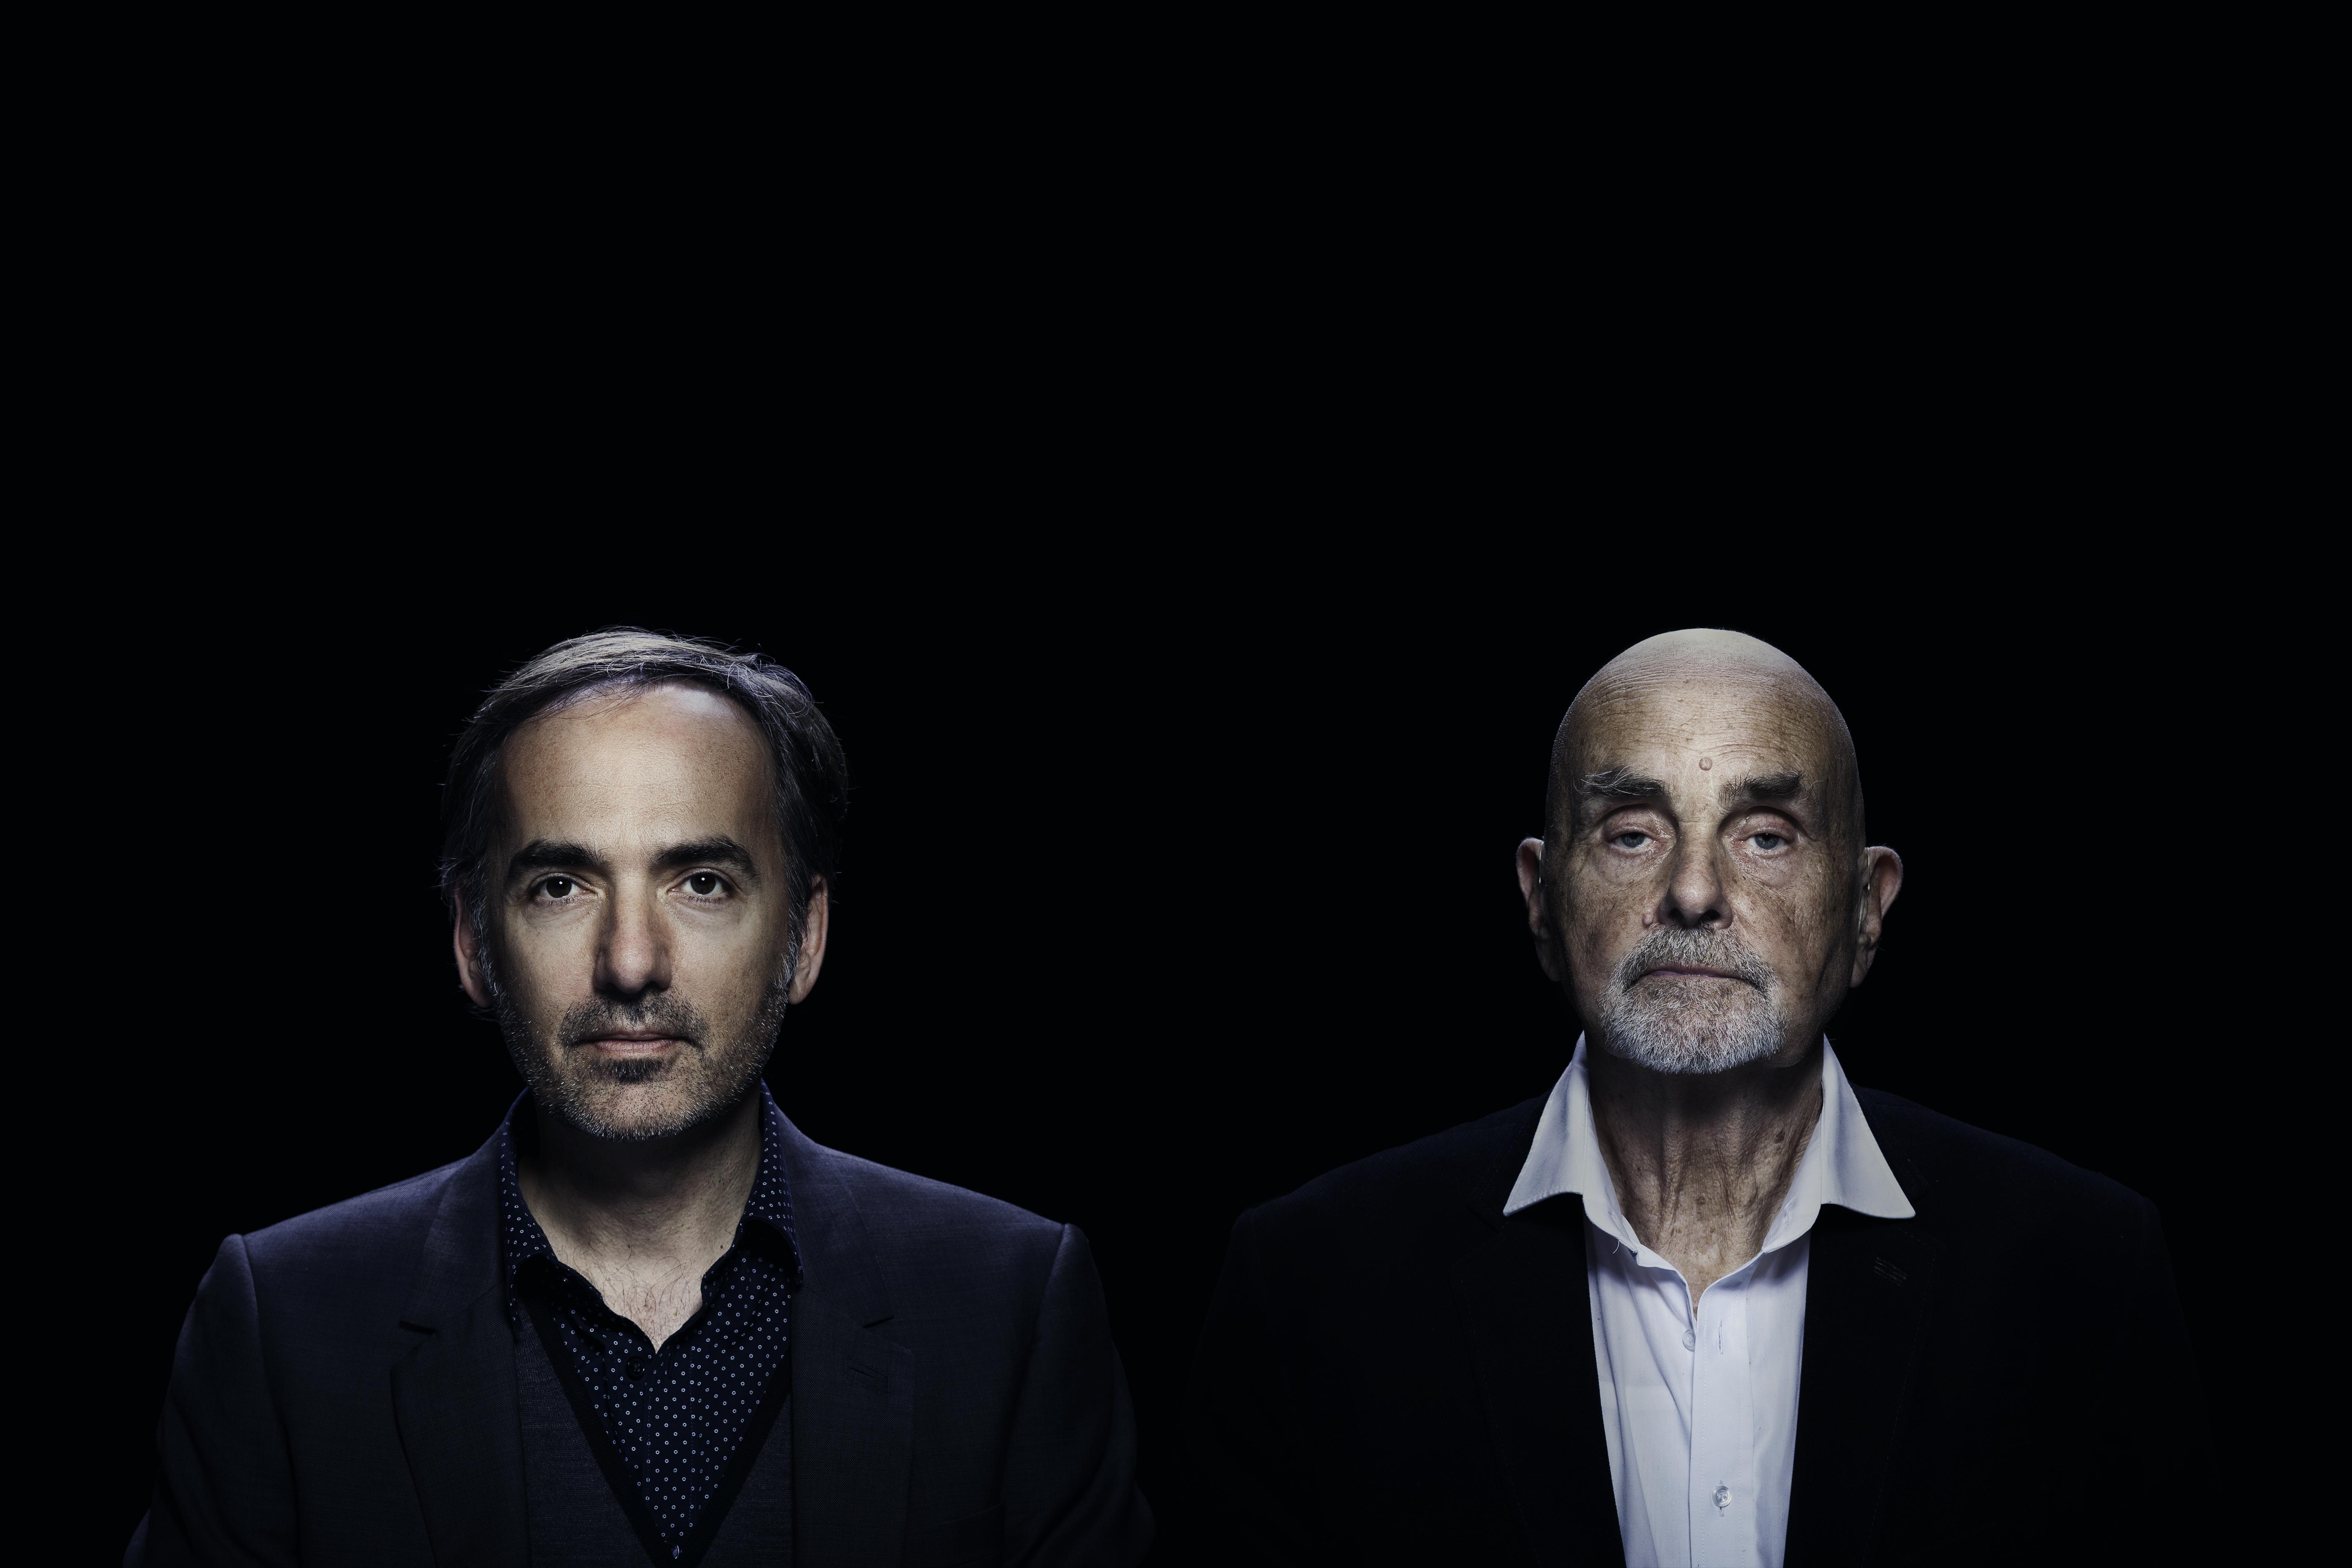 Videopremiere: Mueller_Roedelius - 'Origami II'